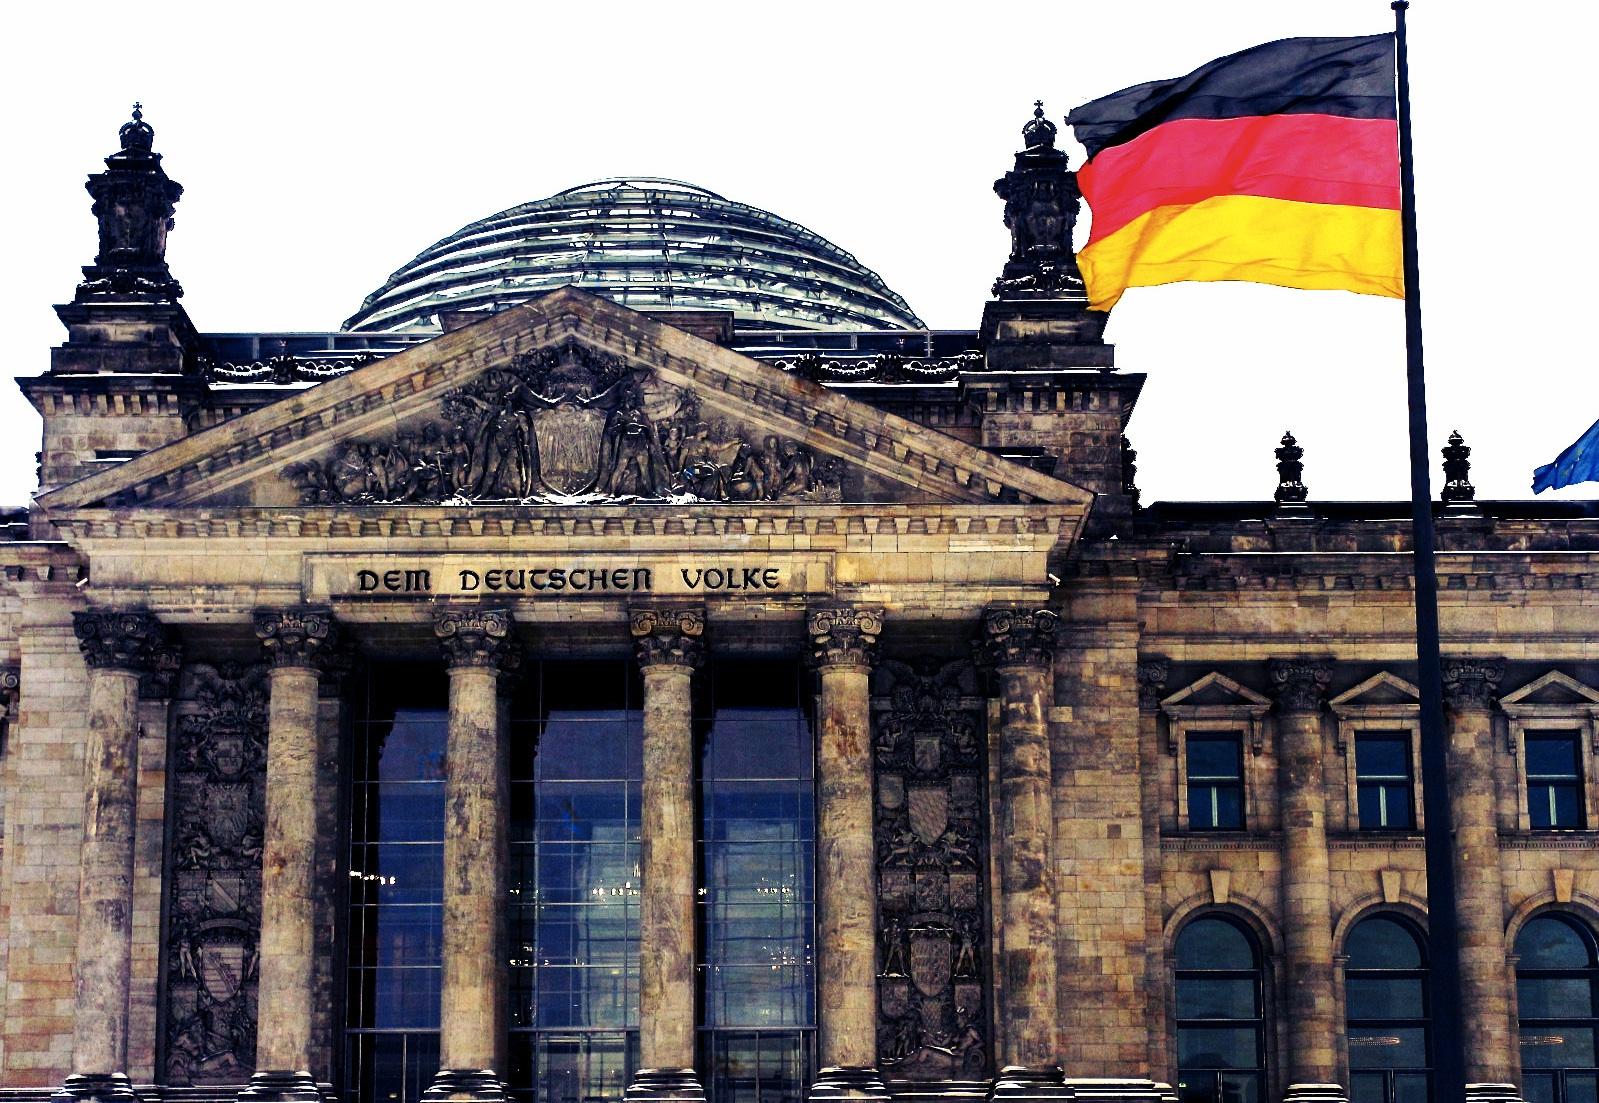 السماح للبنوك الألمانية ببيع وتخزين العملات الرقمية المشفرة ابتداء من العام المقبل 2020